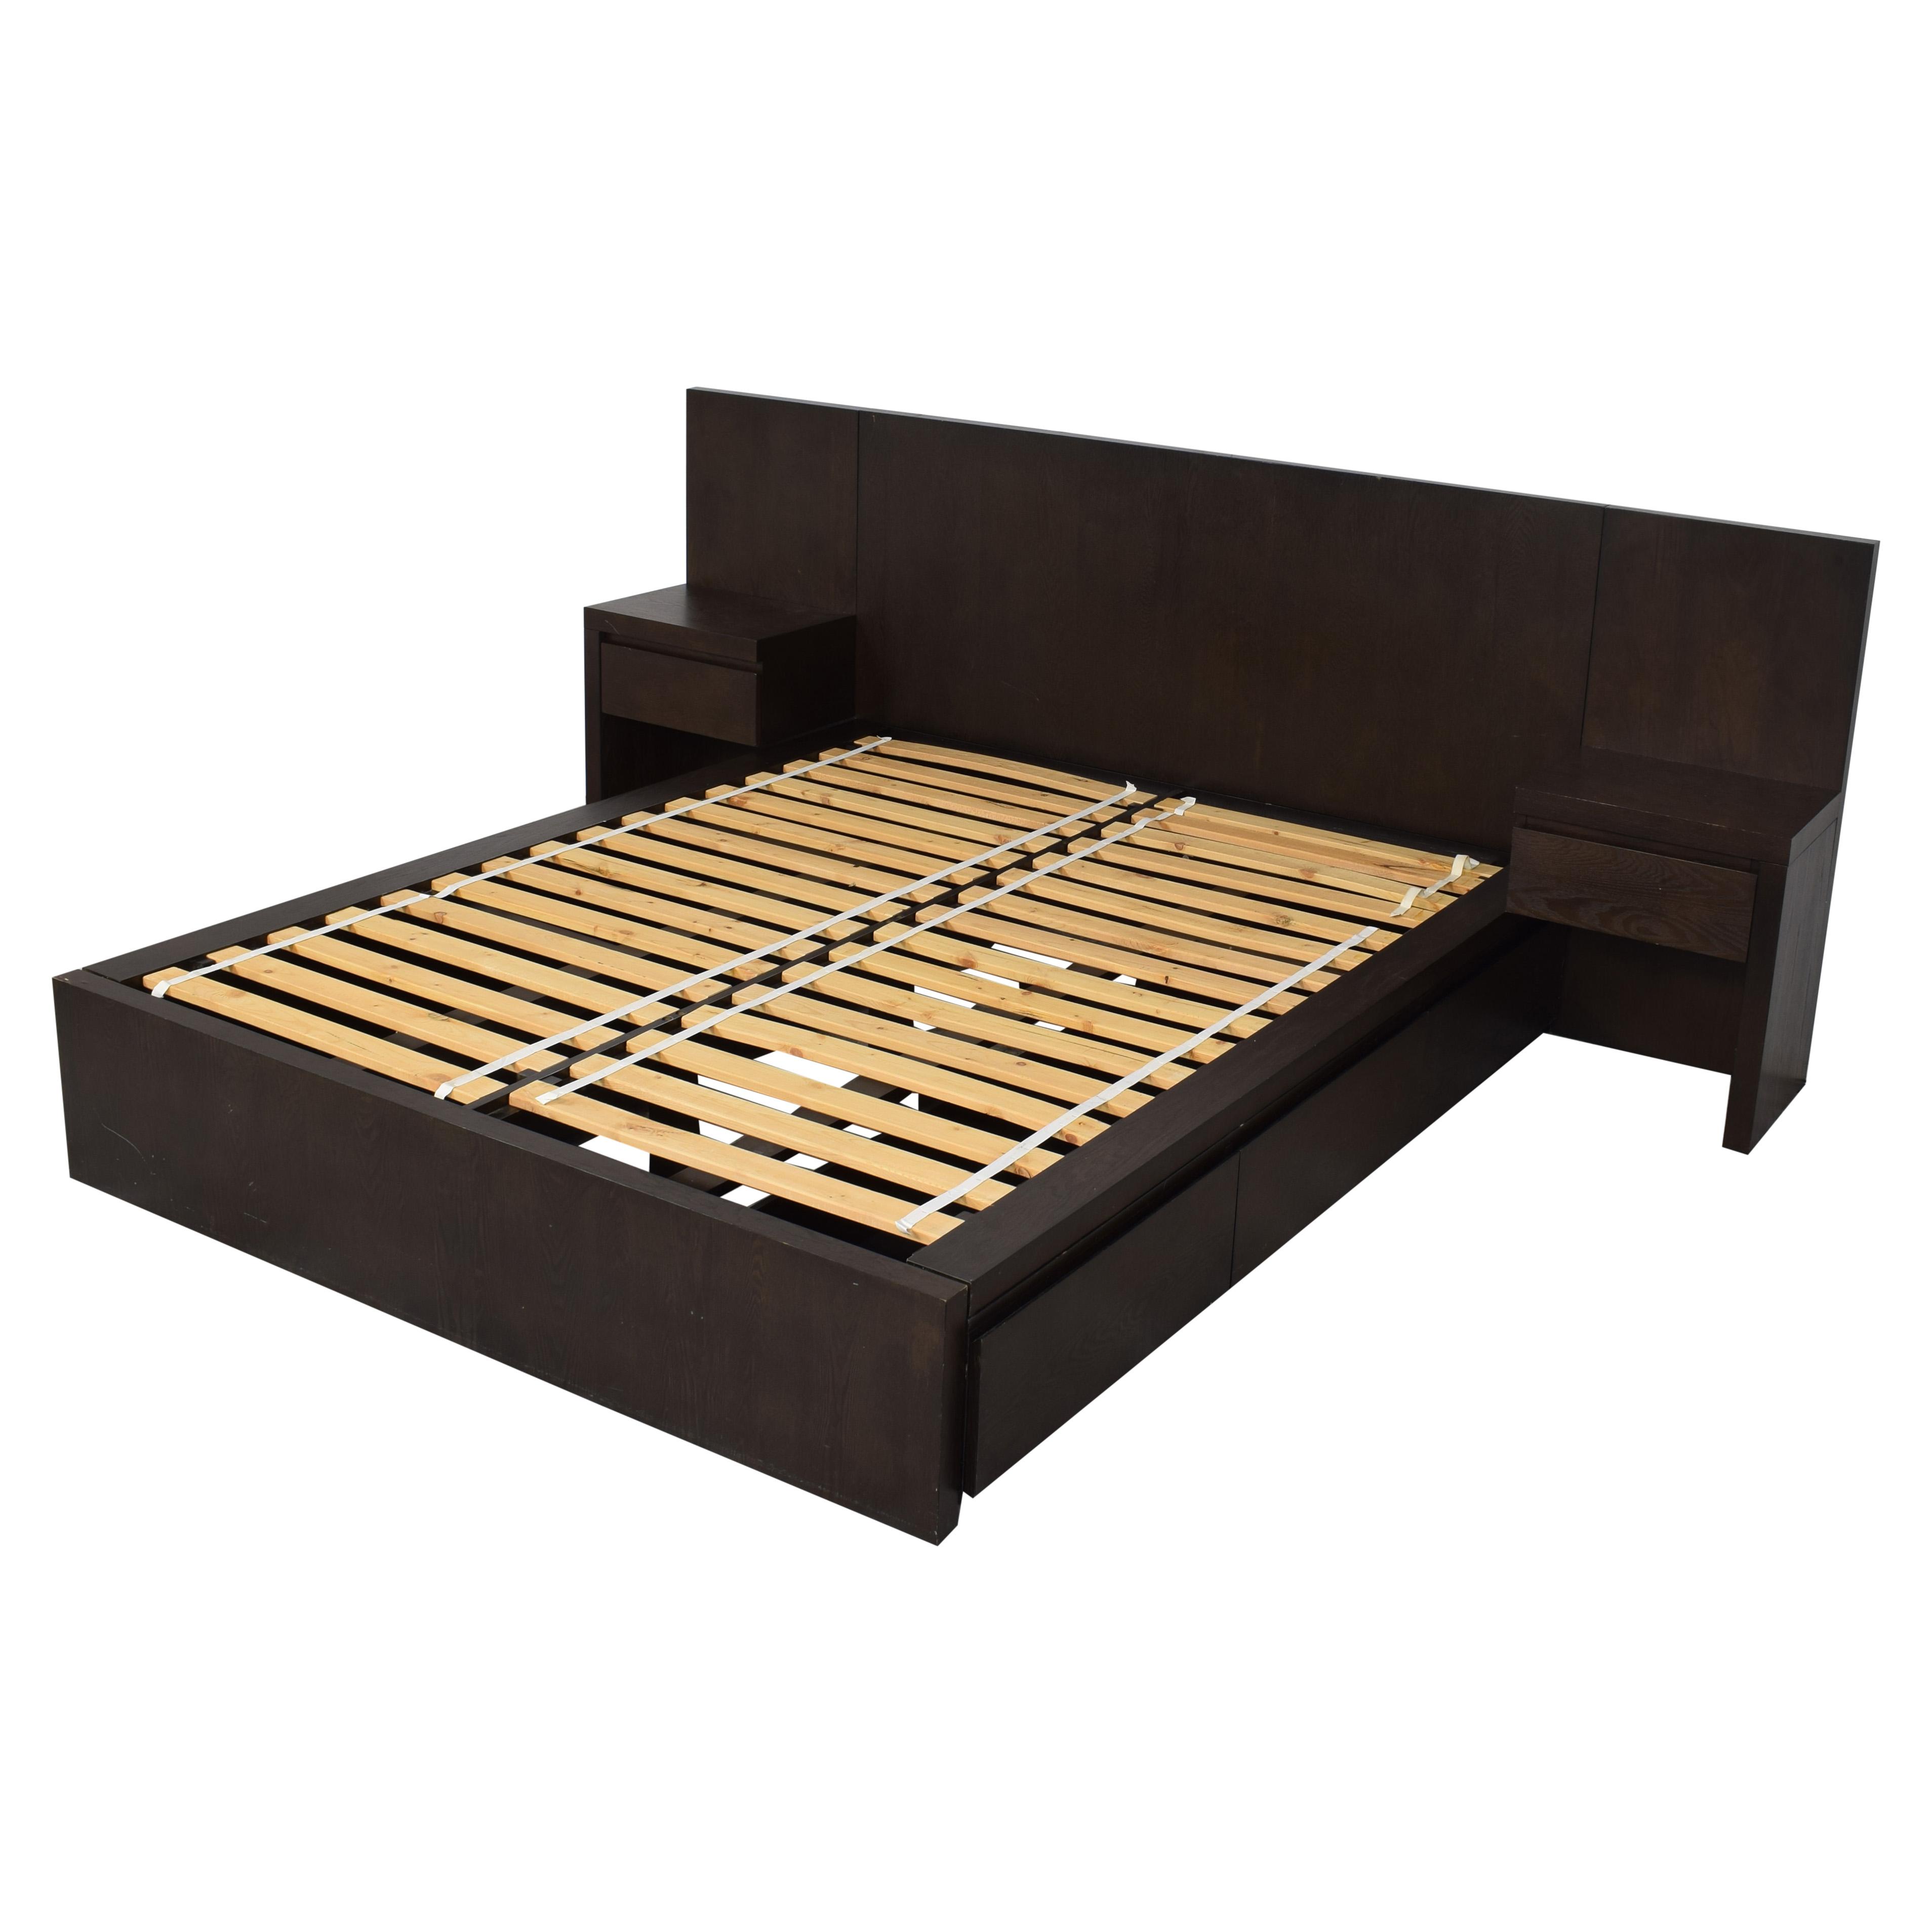 buy West Elm Queen Storage Bed with Nightstands West Elm